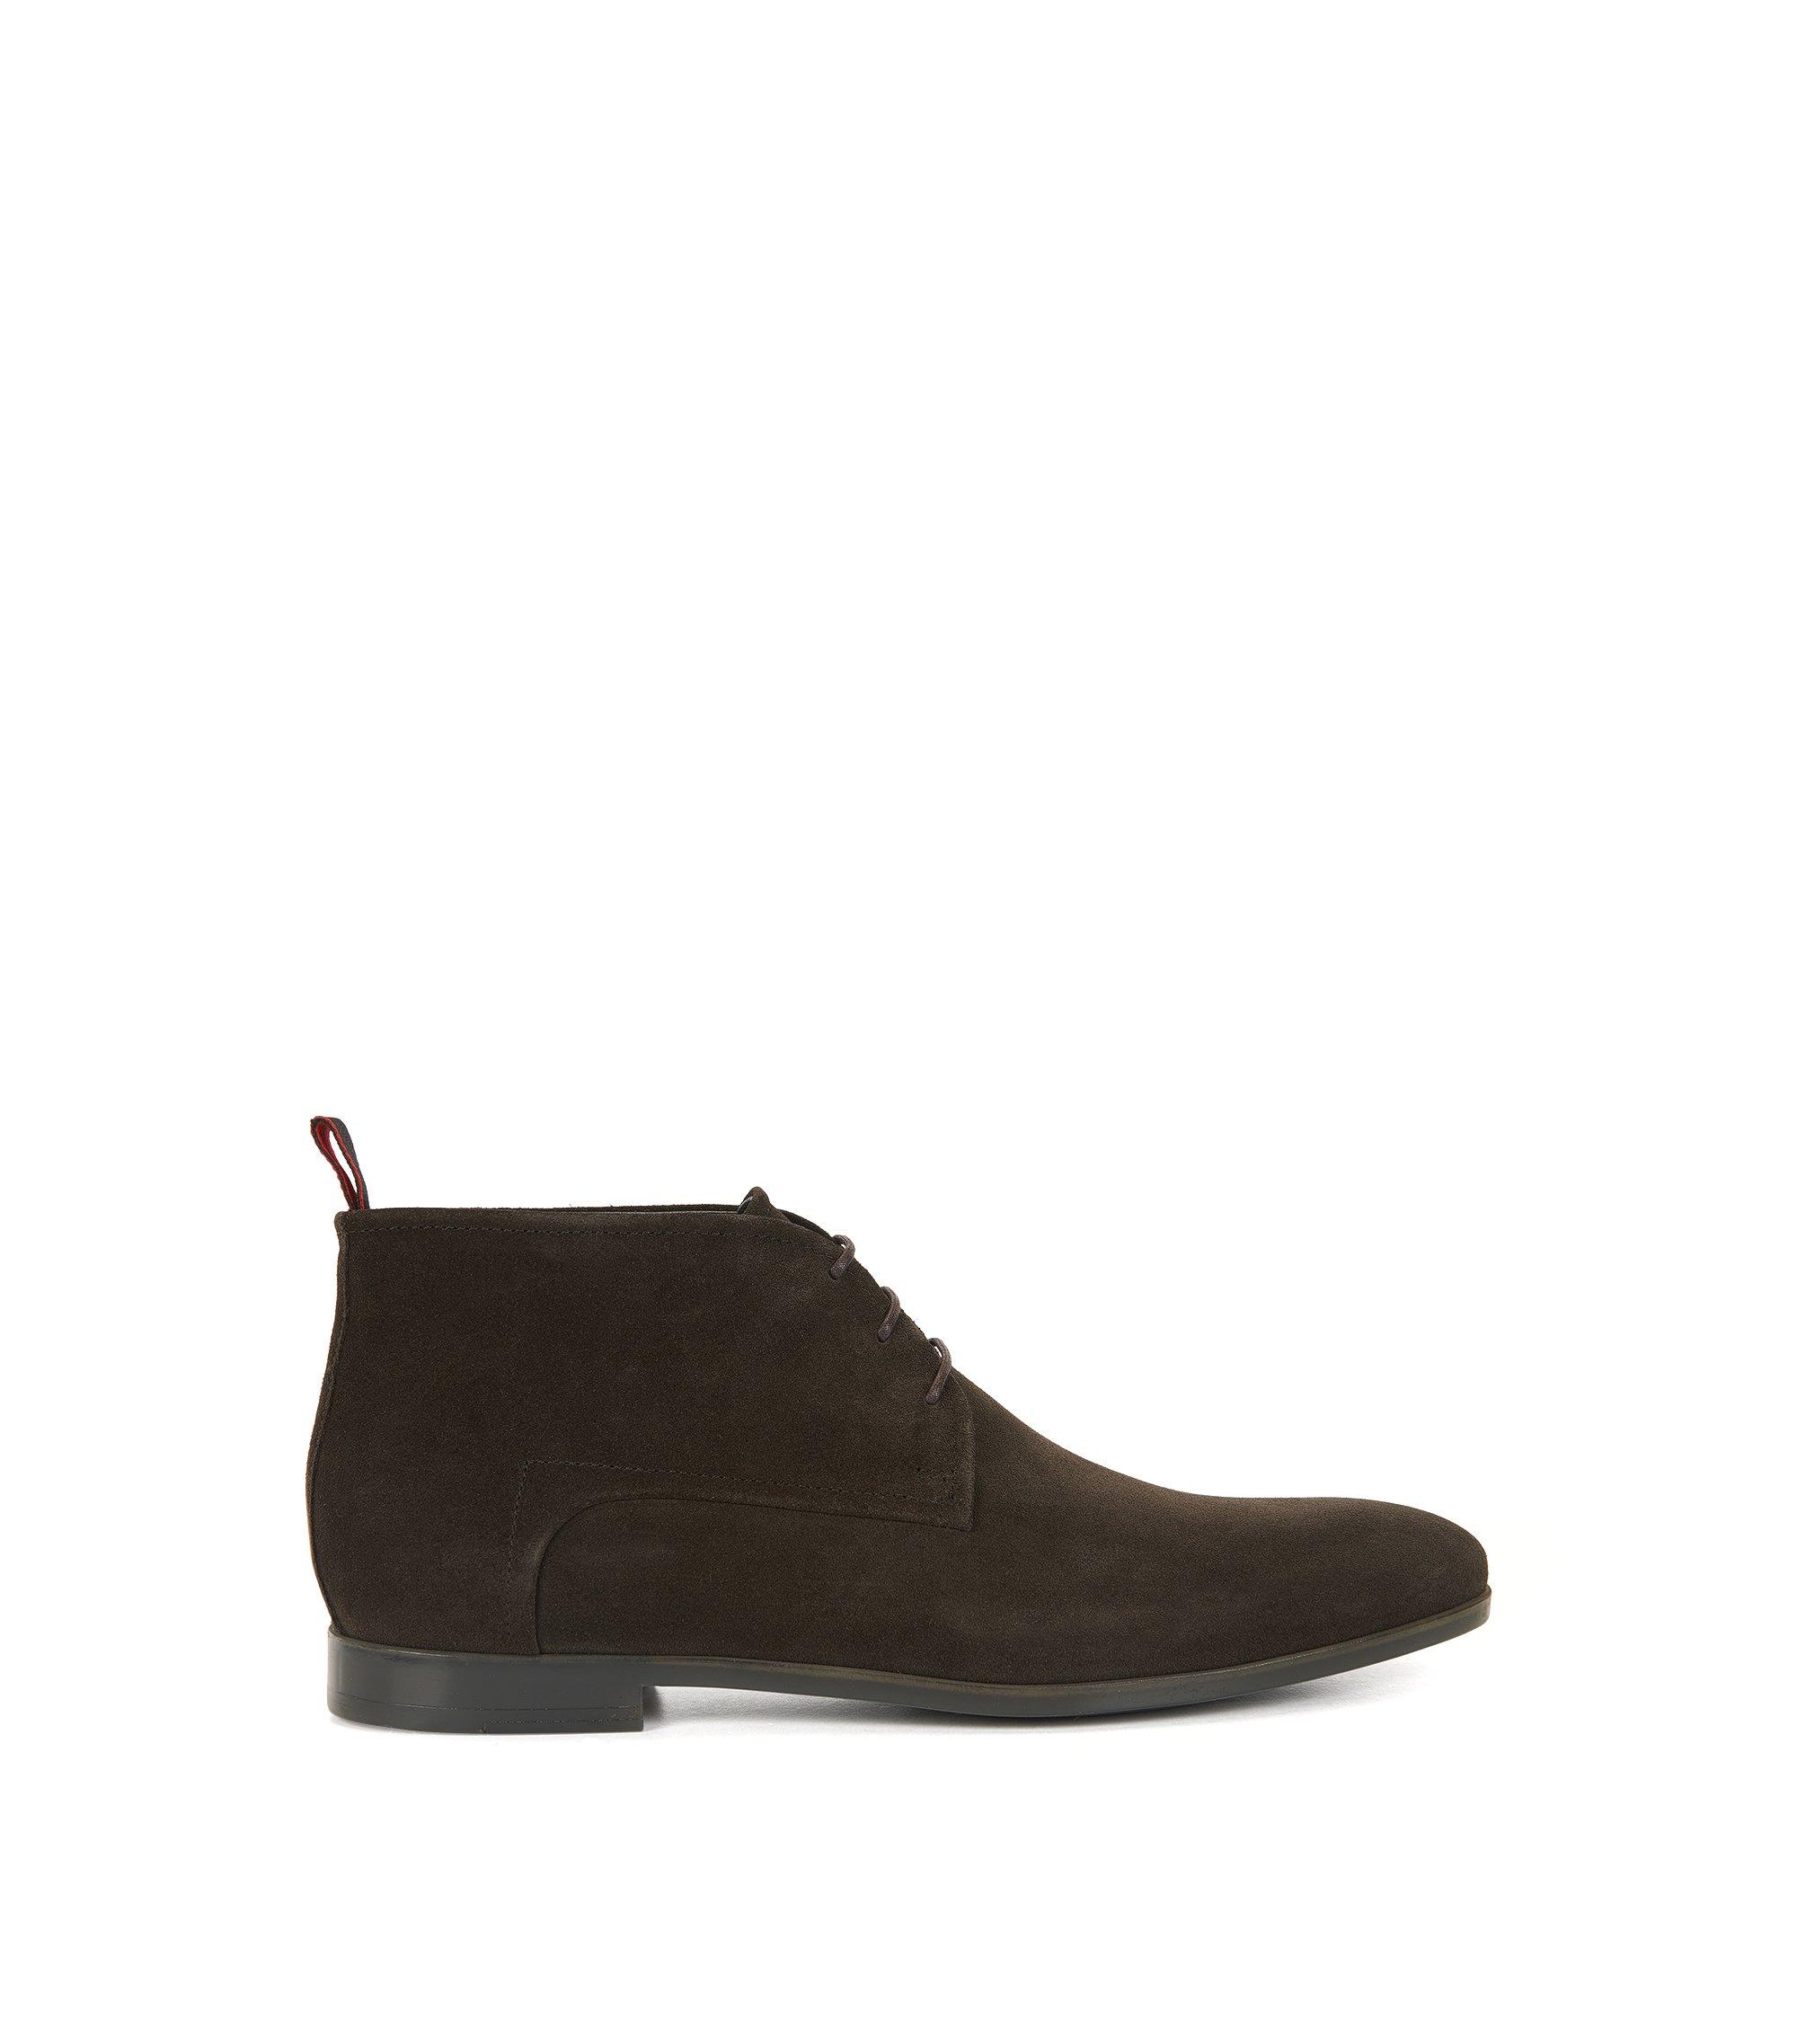 Desert boots en daim, doublées de cuir, Marron foncé